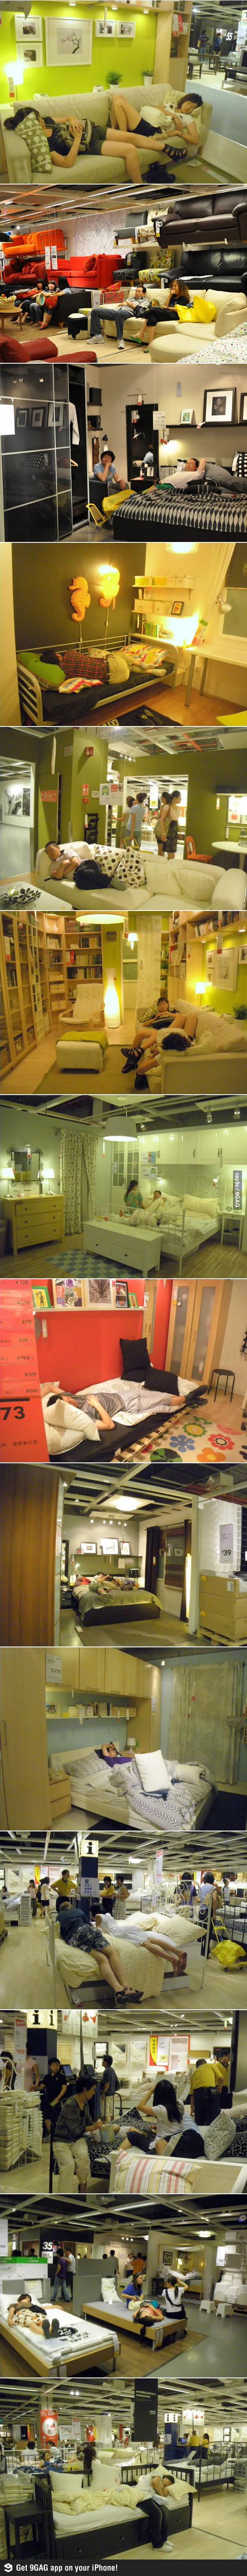 身兼旅館的中國IKEA(誤)_02